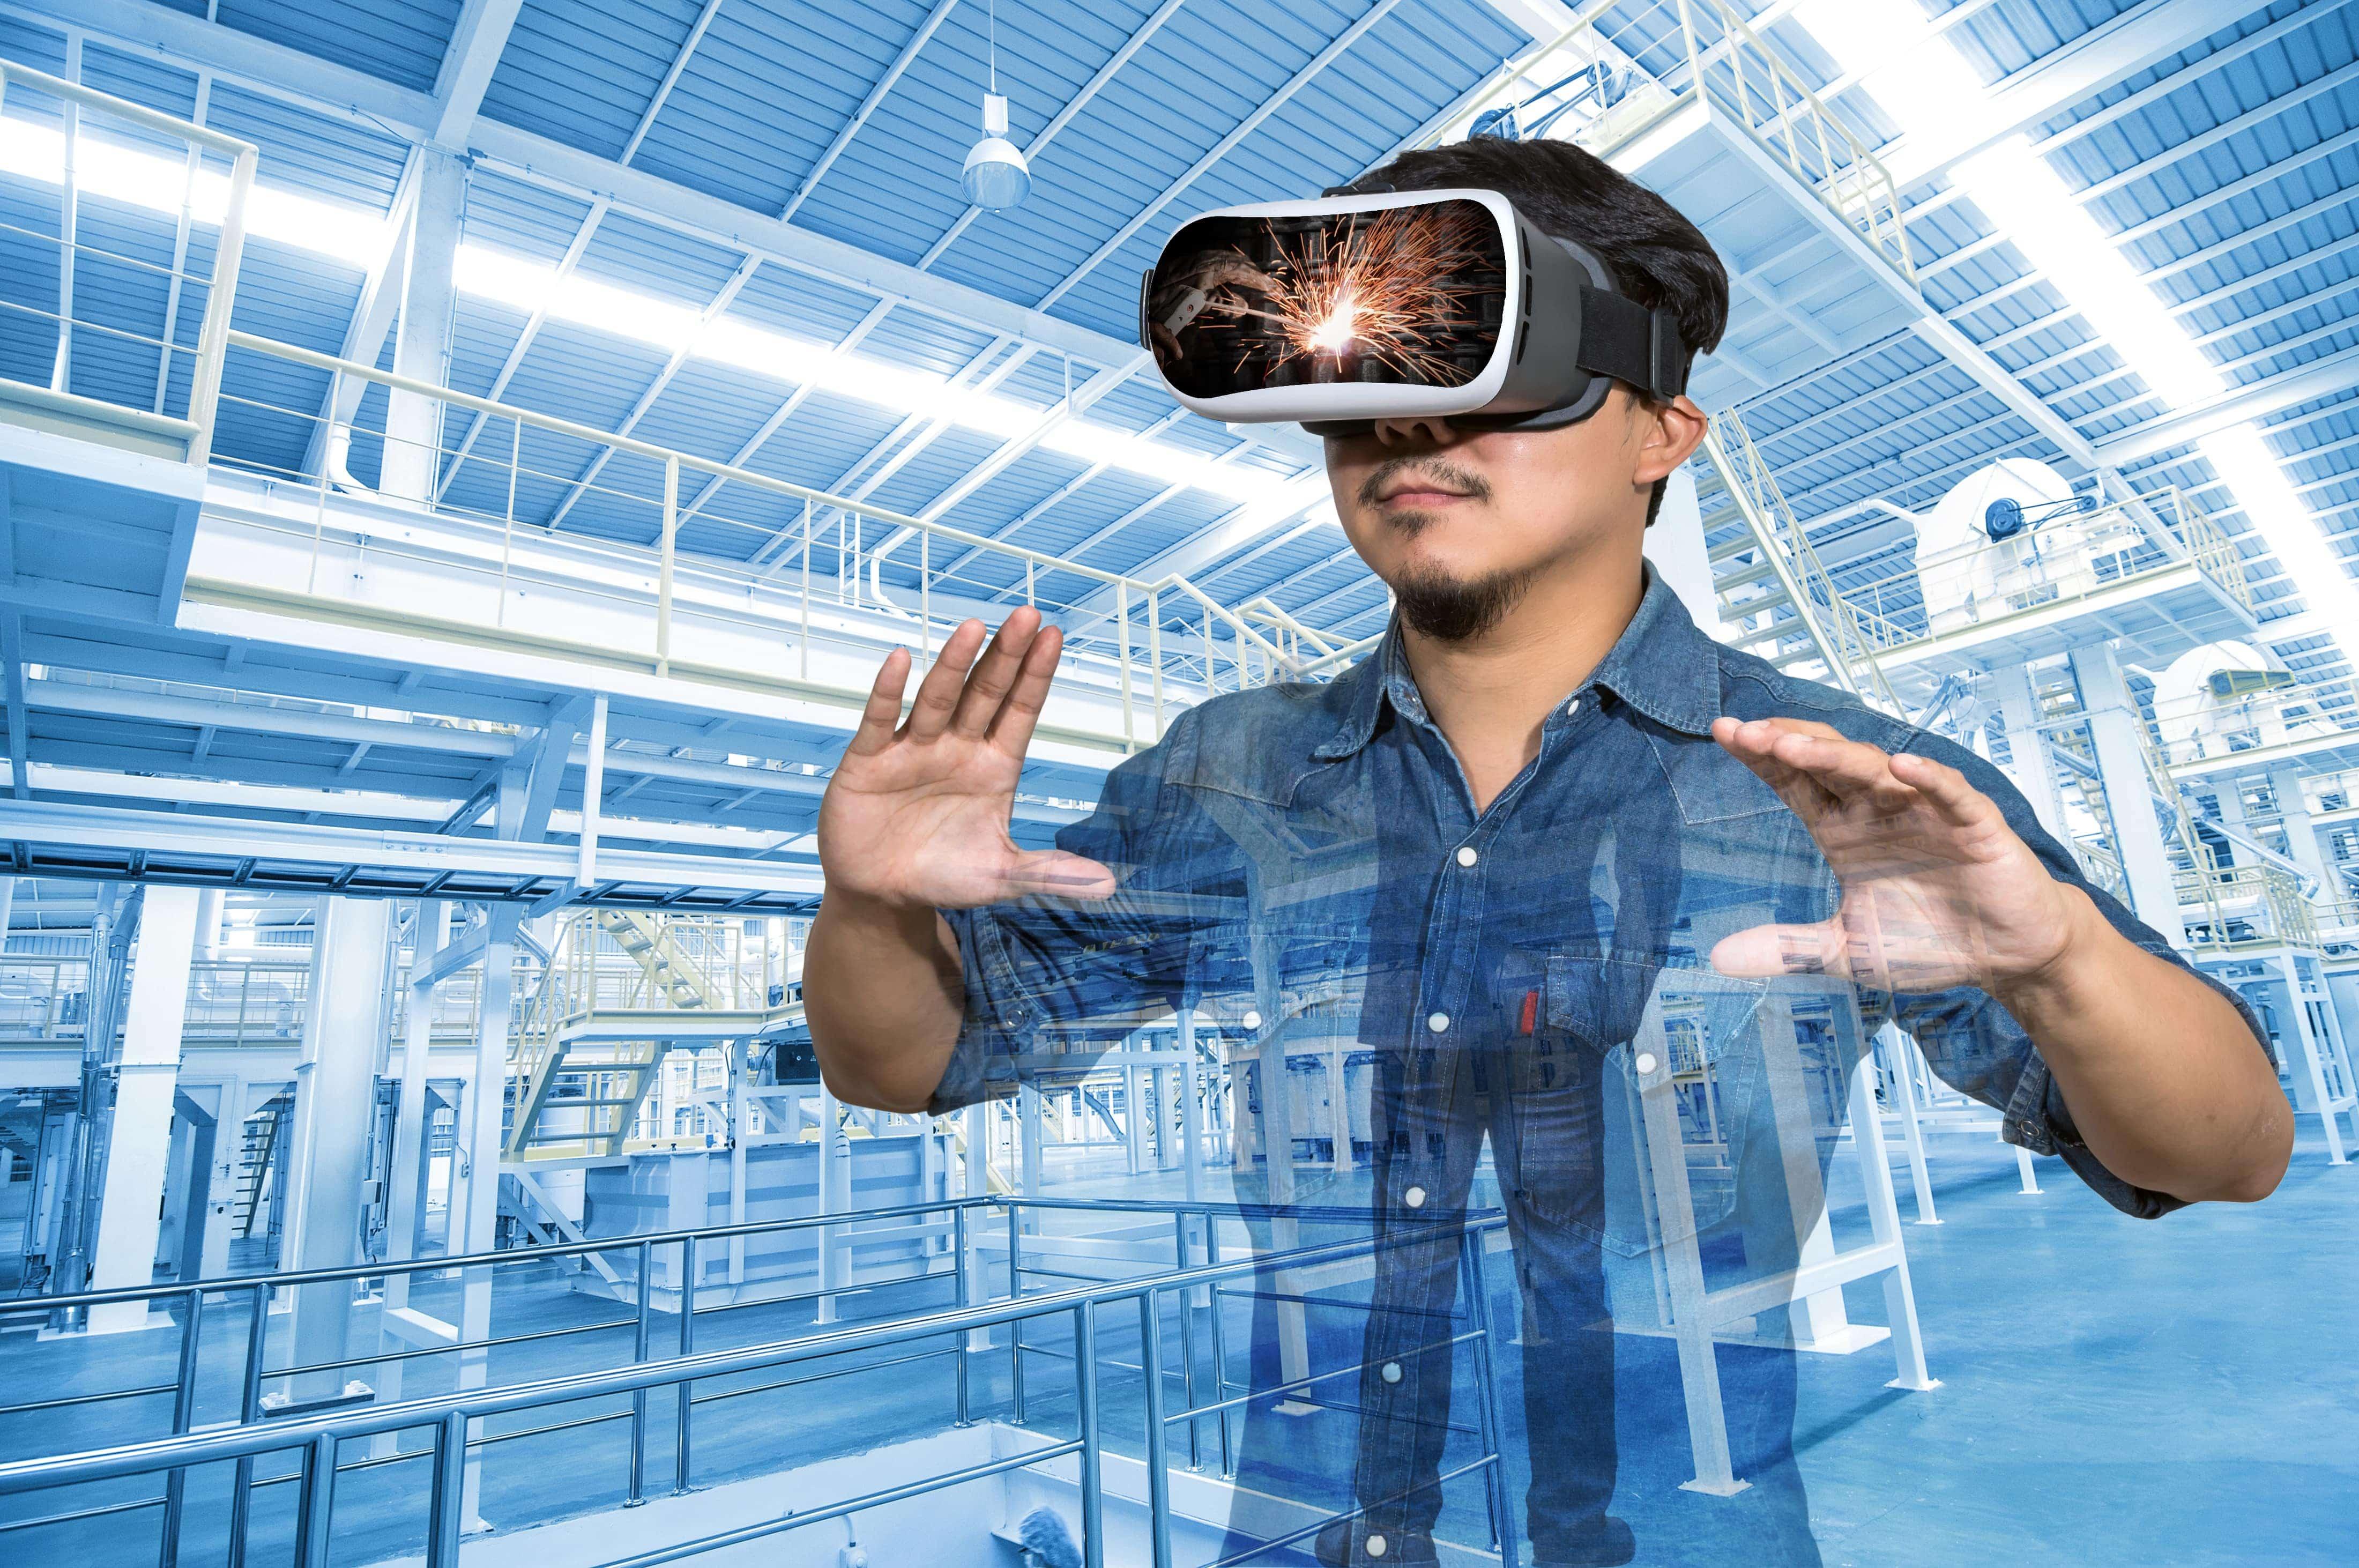 réalité virtuelle-min